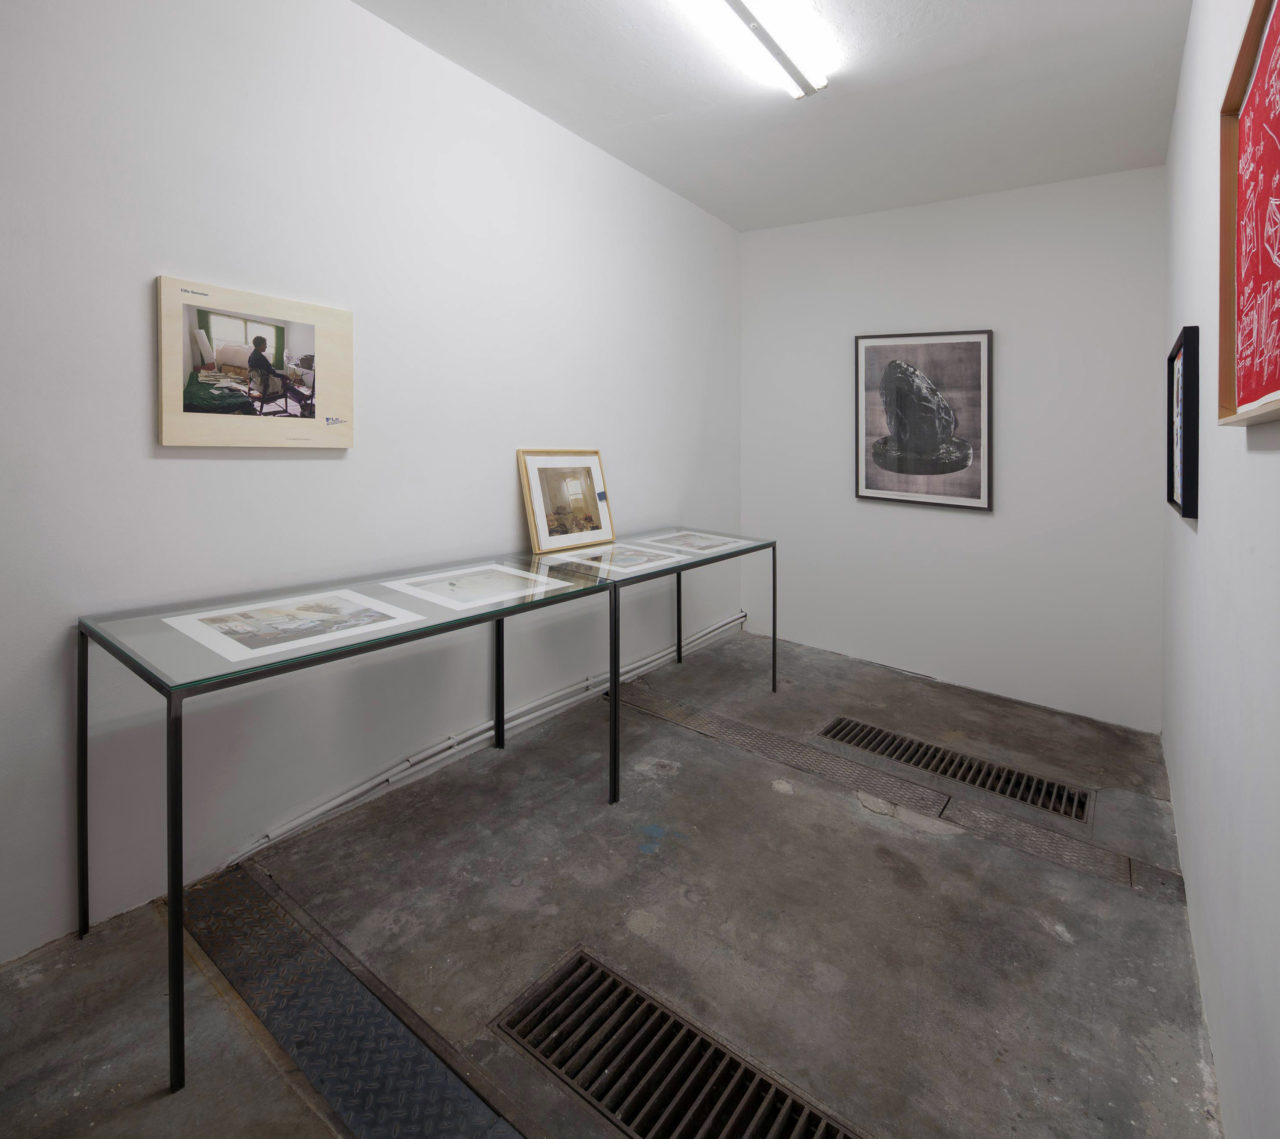 Hans Weigand: Flat Mountain Press, Installation view